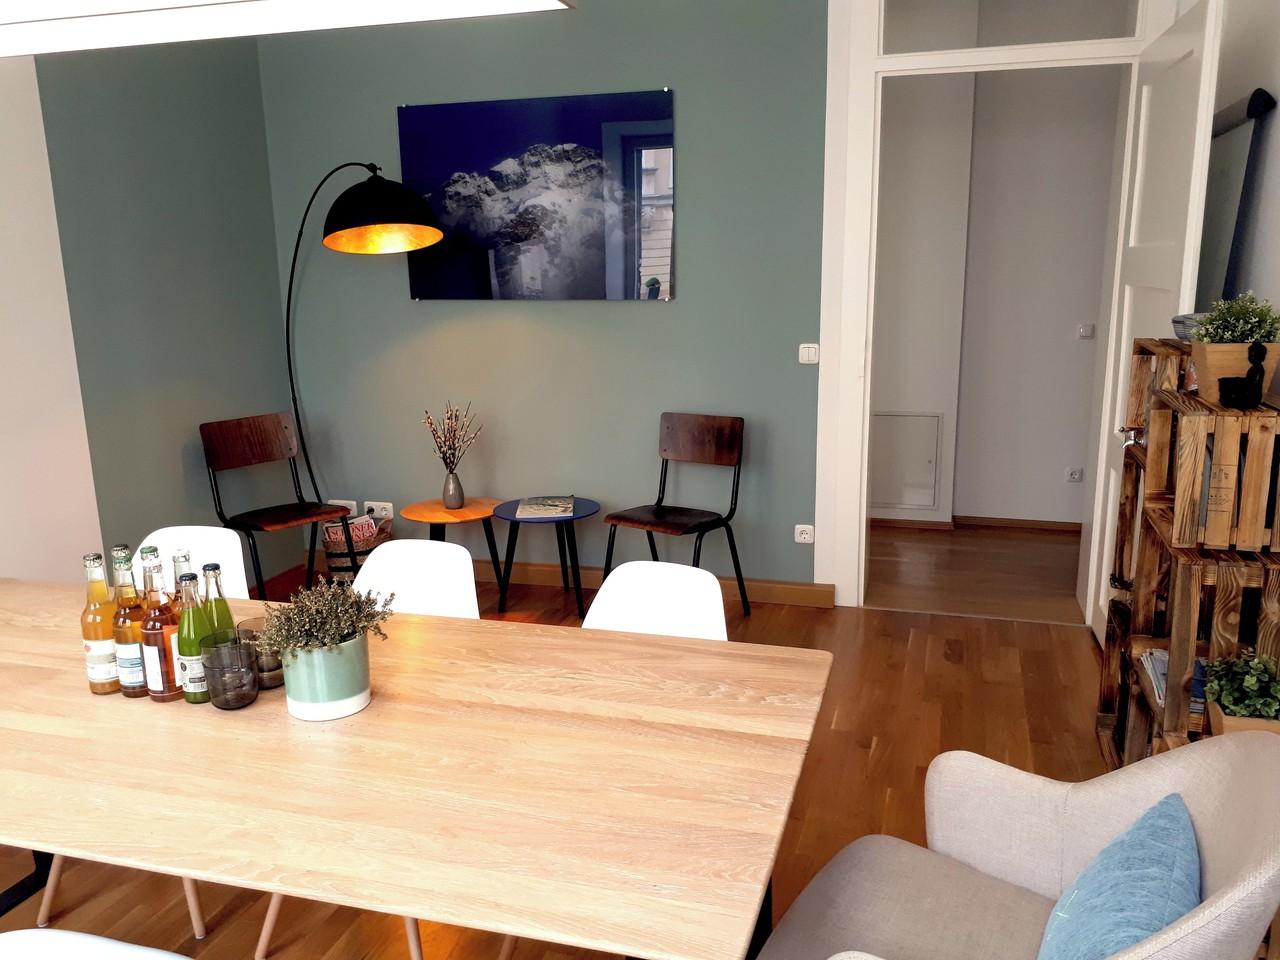 Munich Tagungsräume Salle de réunion Solana Room image 15